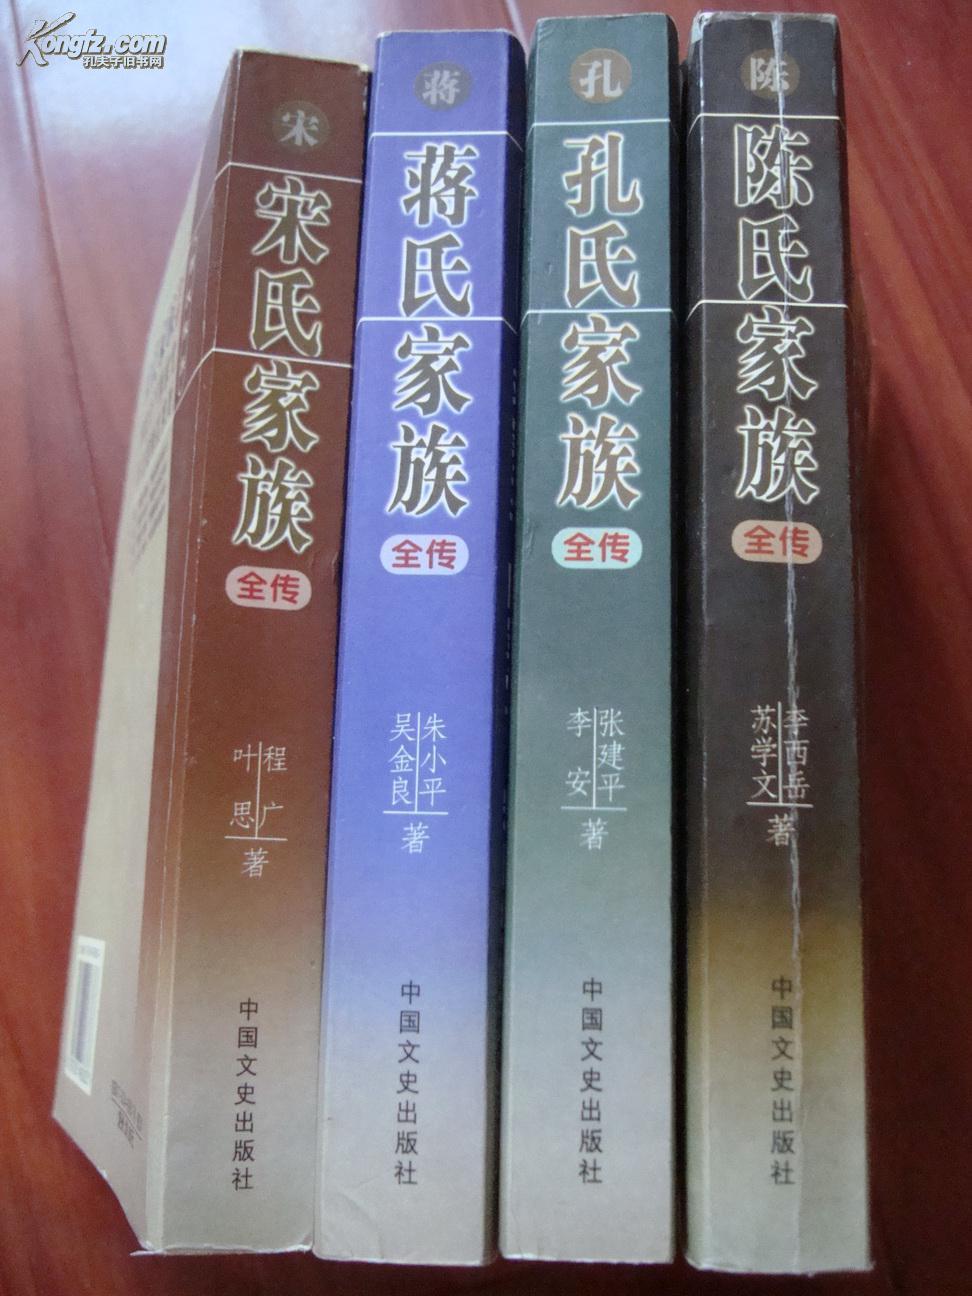 旧中国四大家族全书(蒋氏/孔氏/宋氏/陈氏家族全传) 全四册合售